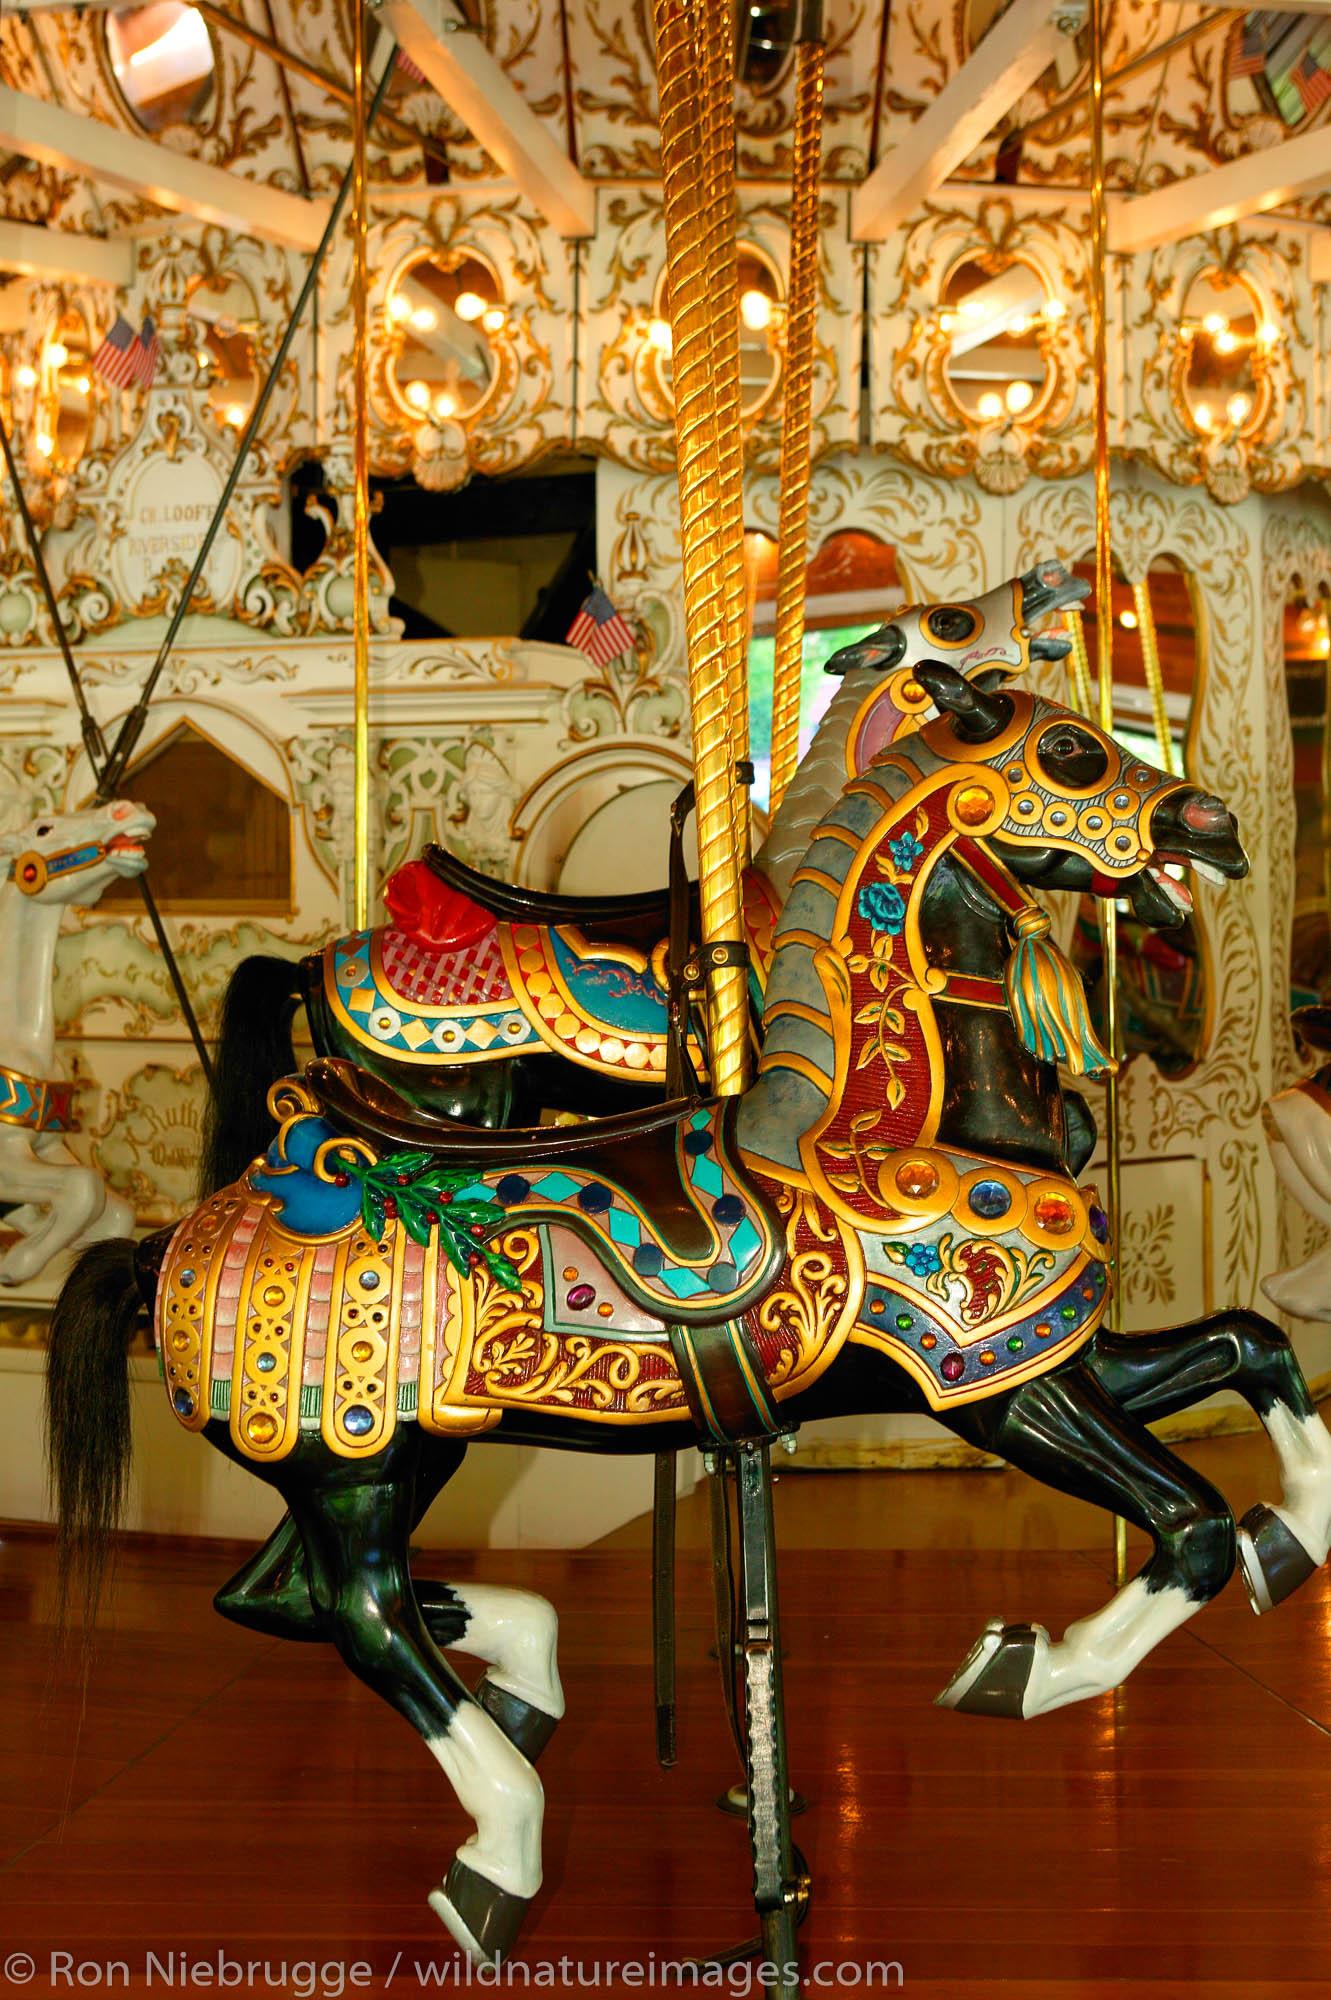 The Historic Carrousel in Riverfront Park, Spokane, Washington.